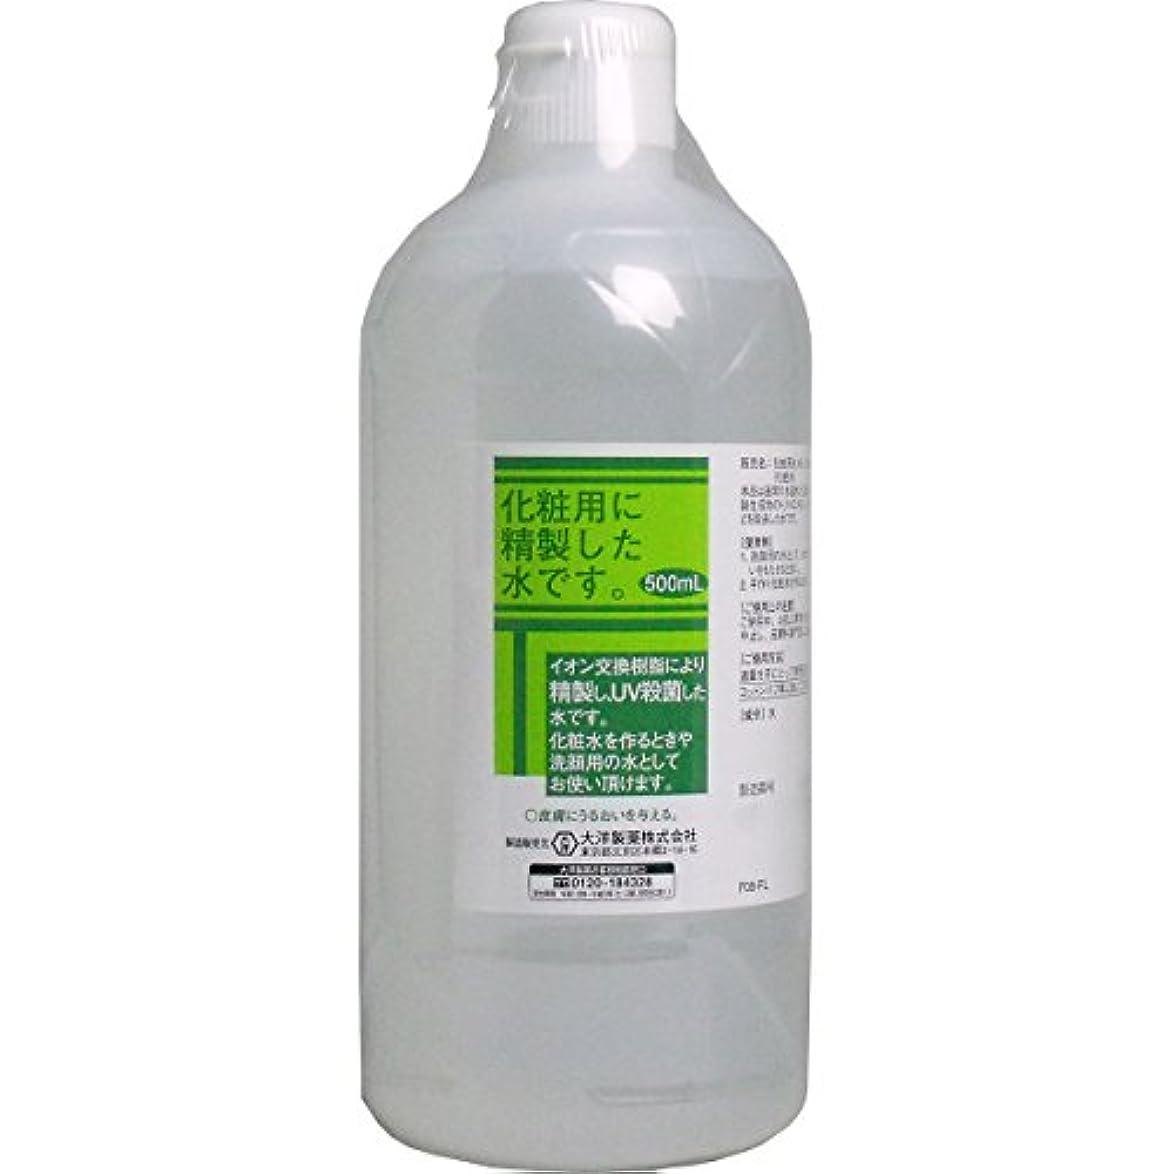 抜本的なよろめくサーキットに行く化粧用 精製水 HG 500ml (500ml×5本)